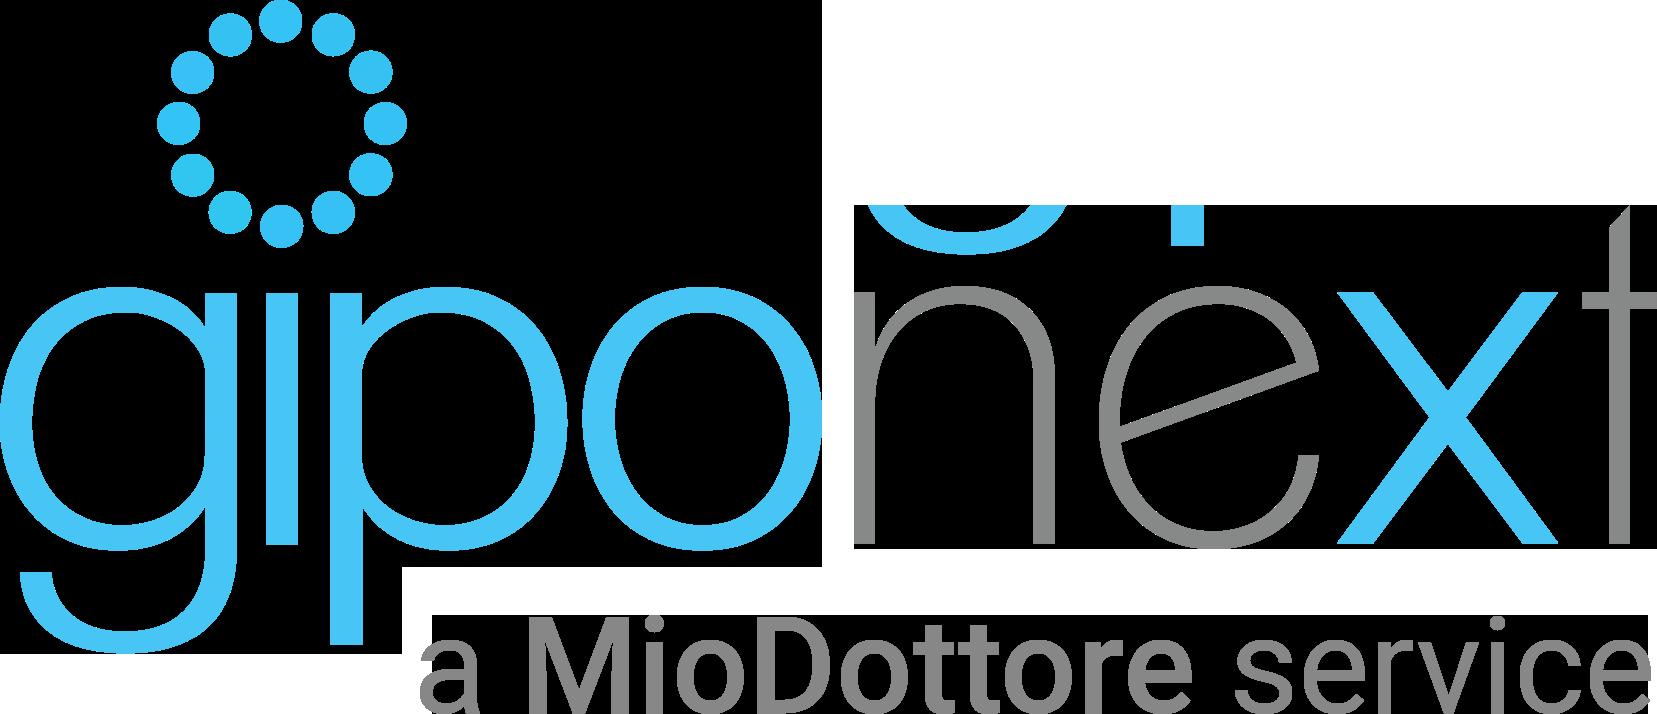 GipoNext